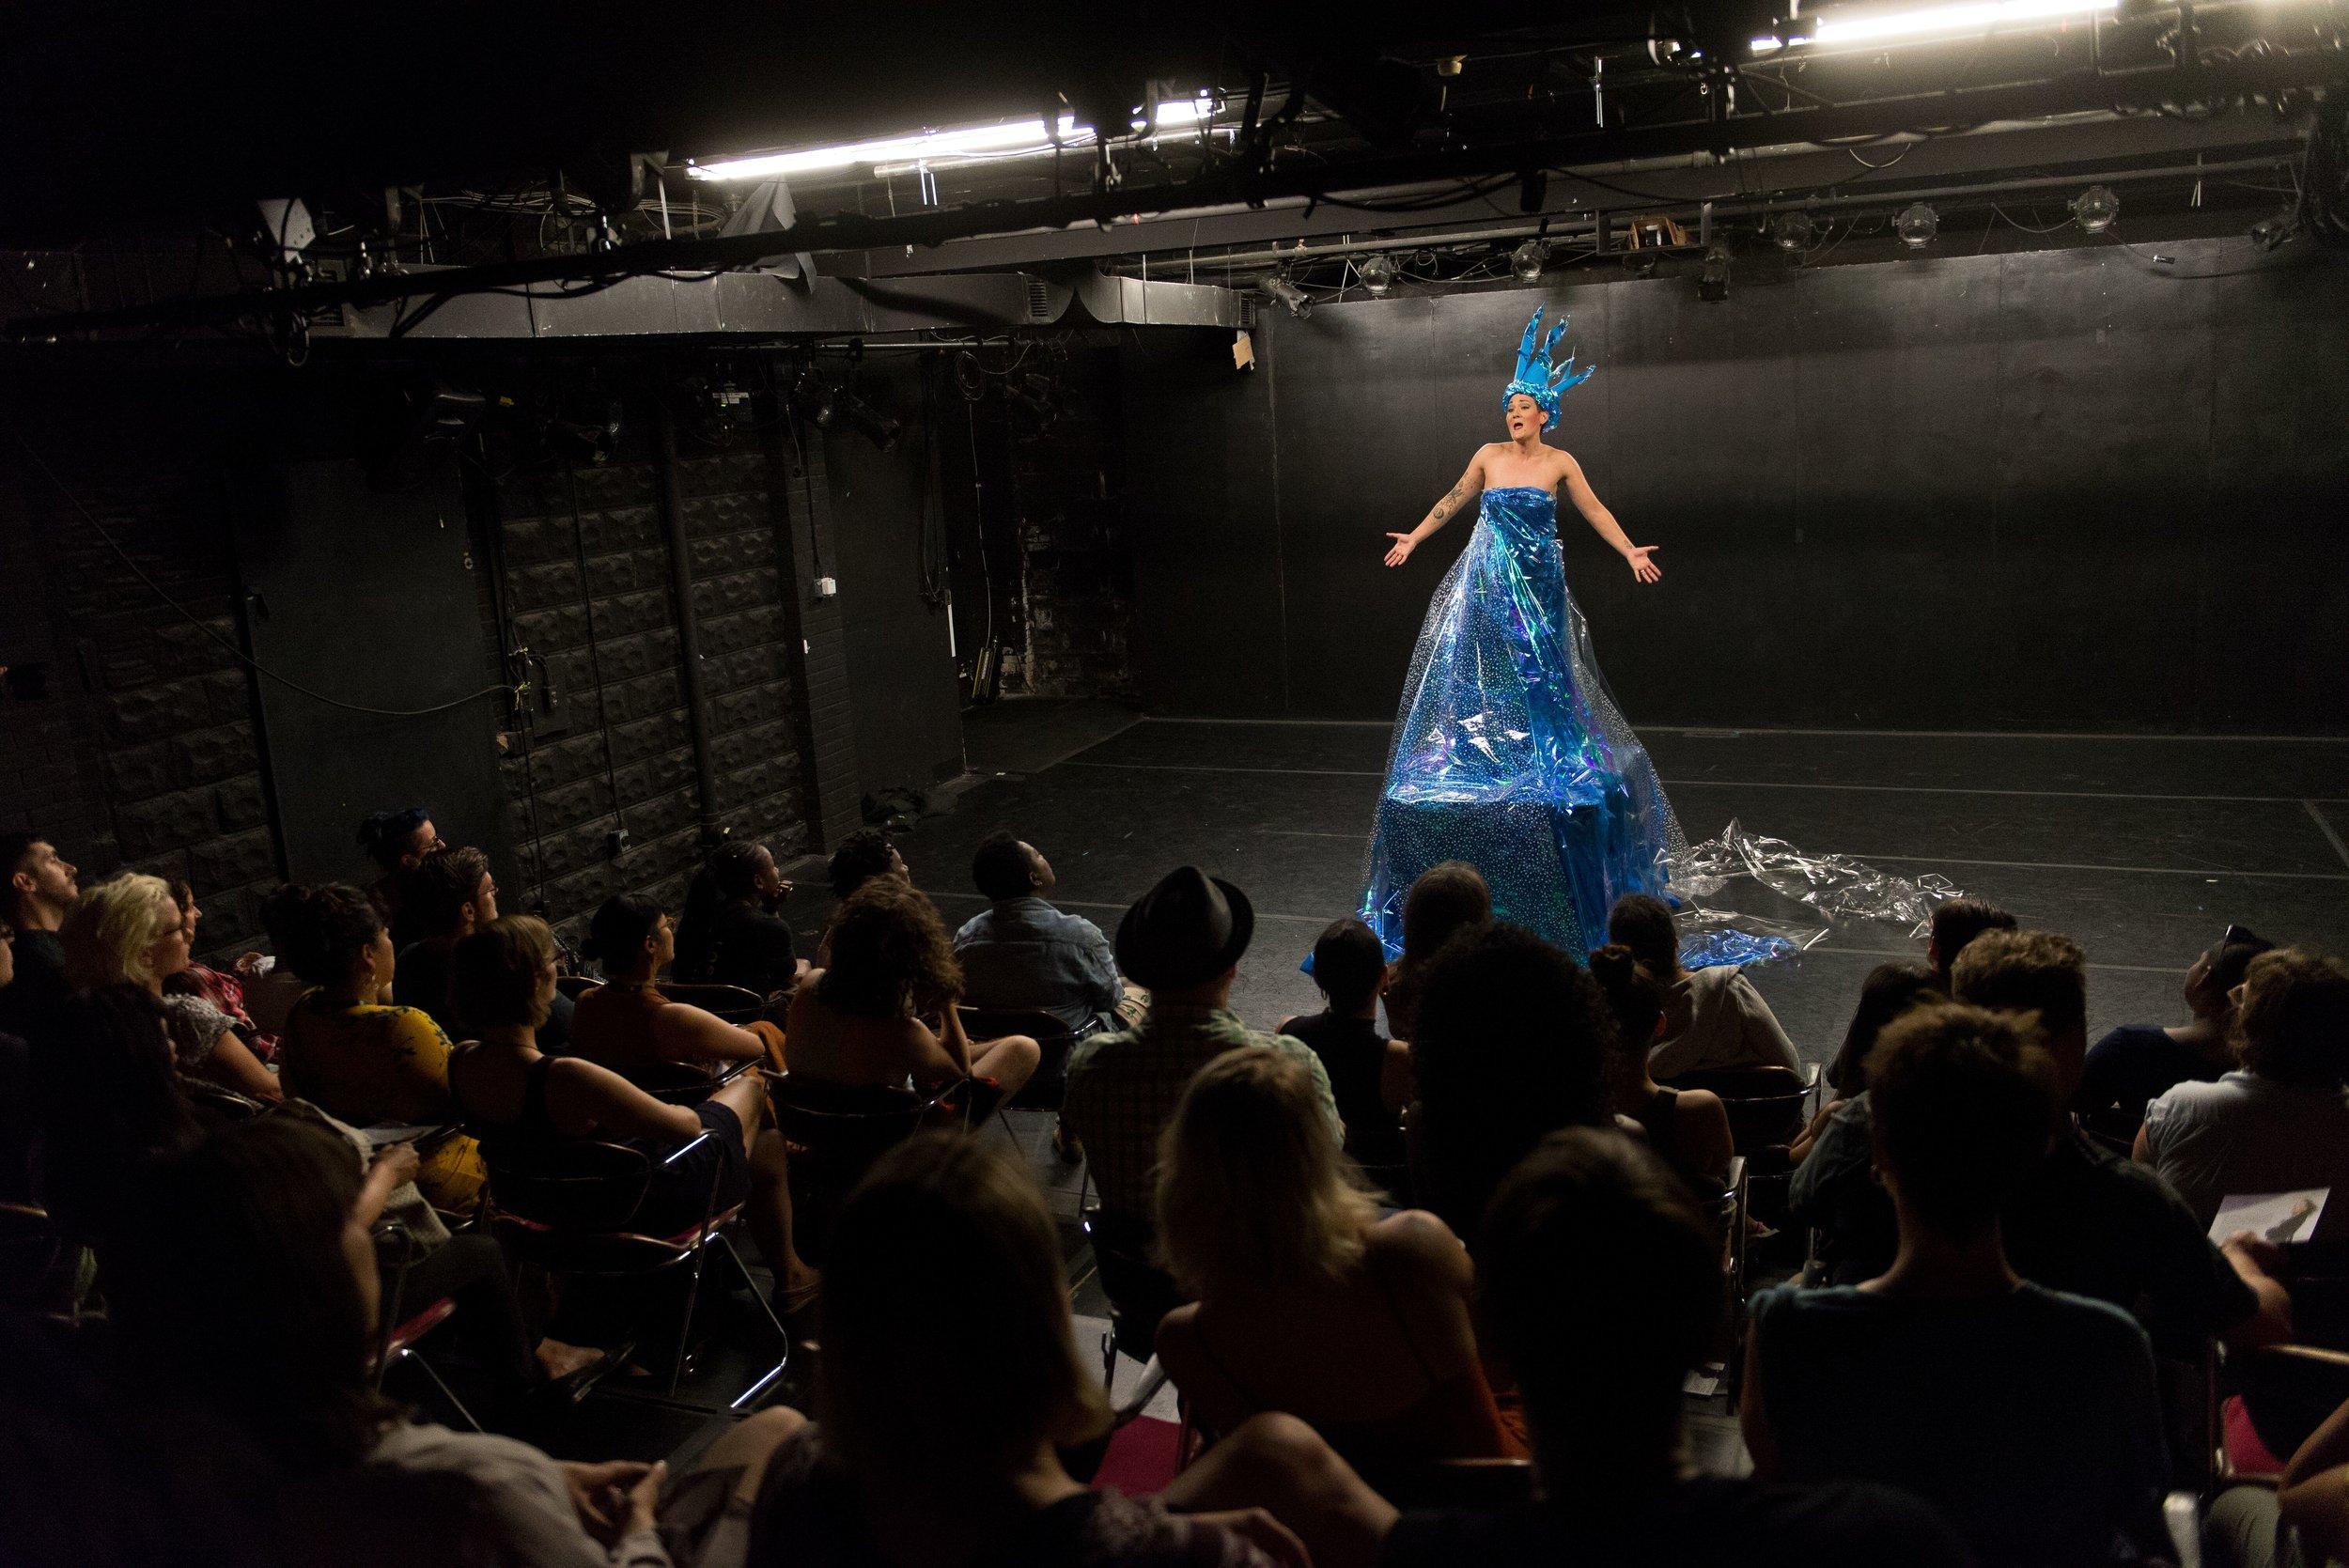 The Queen In Me. Queer Arts Festival starts June 17.